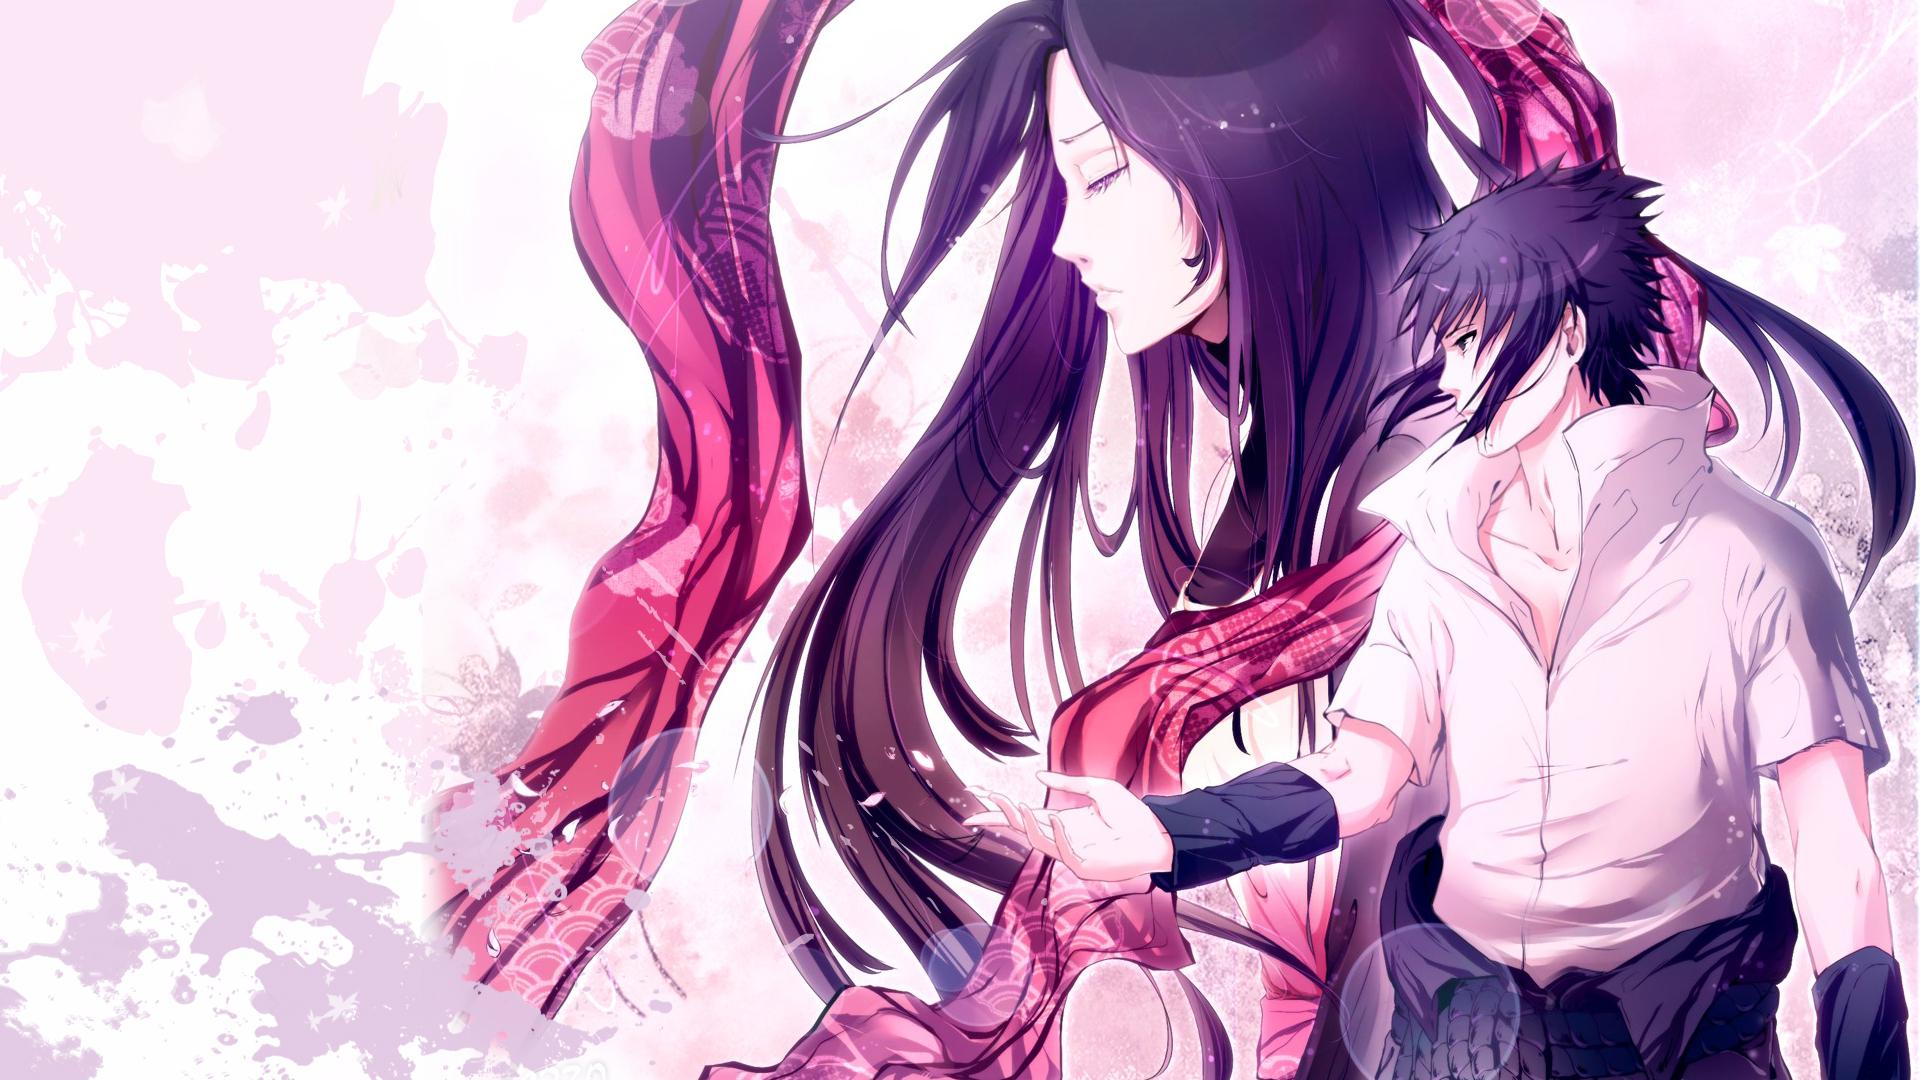 Uchiha sasuke hd wallpaper zerochan anime image board naruto download naruto image voltagebd Gallery